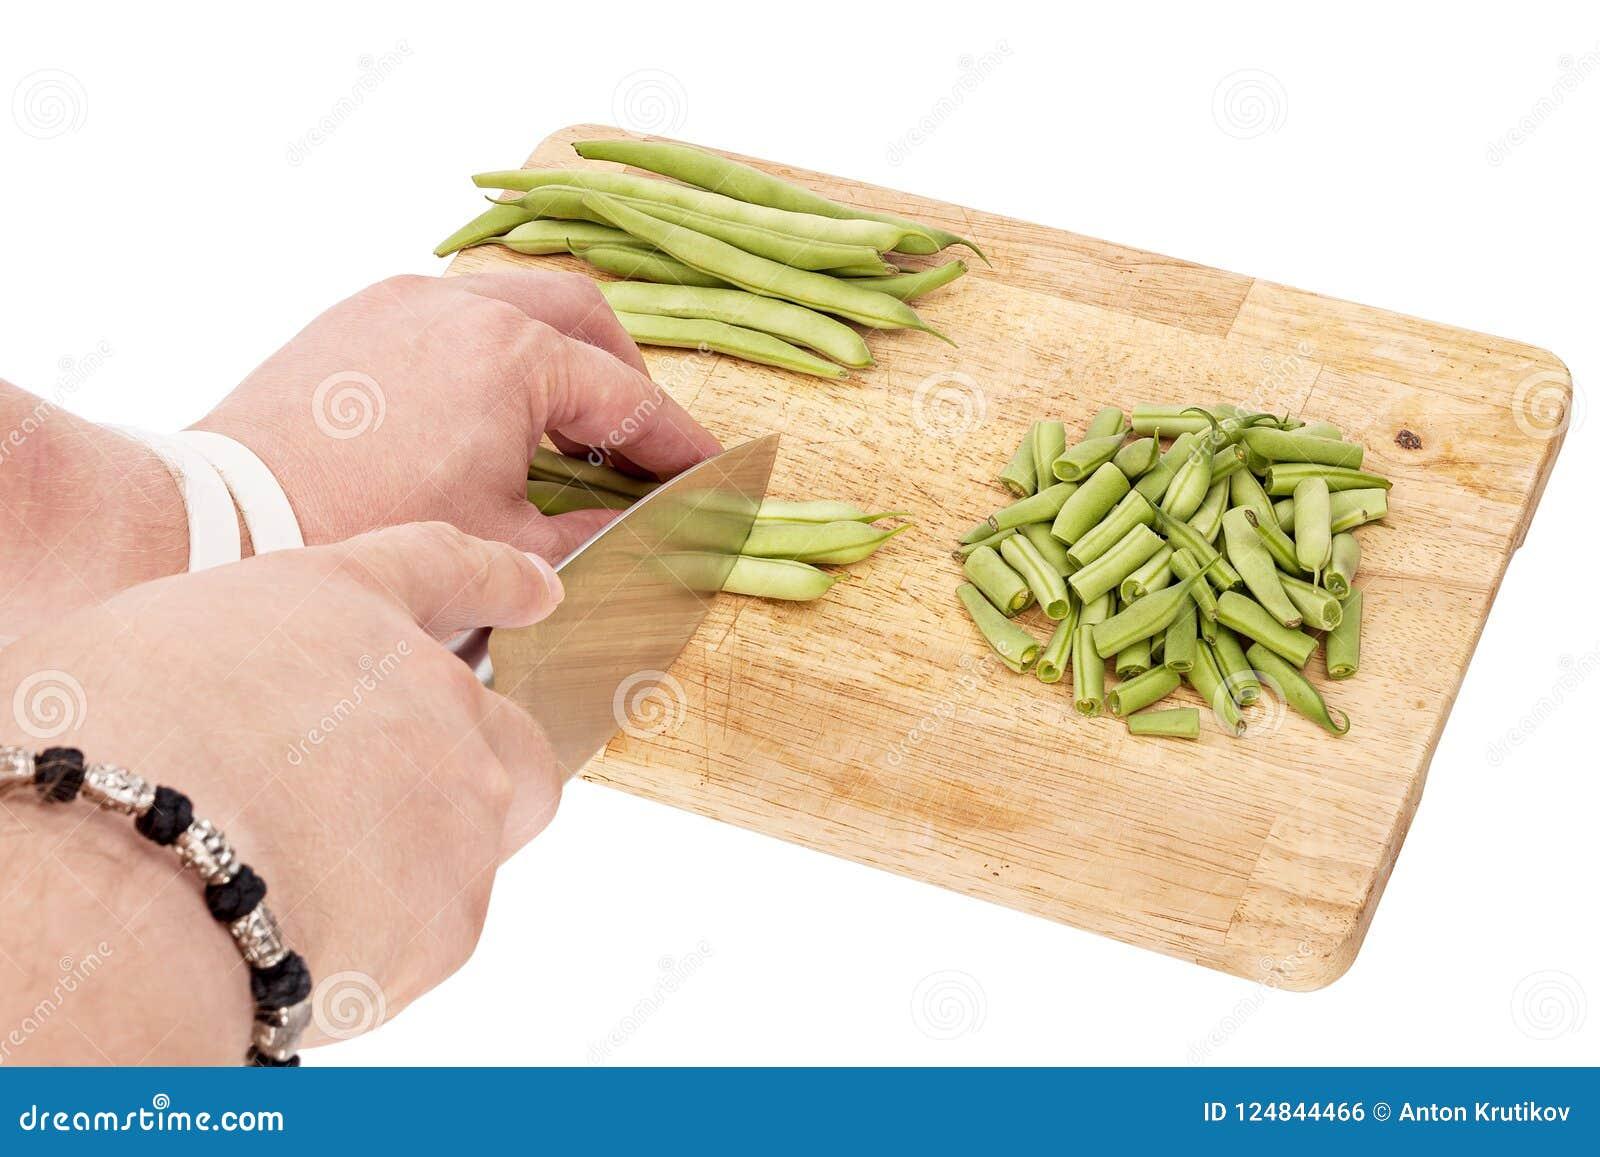 Cortar habas verdes frescas en una tabla de cortar en una tabla